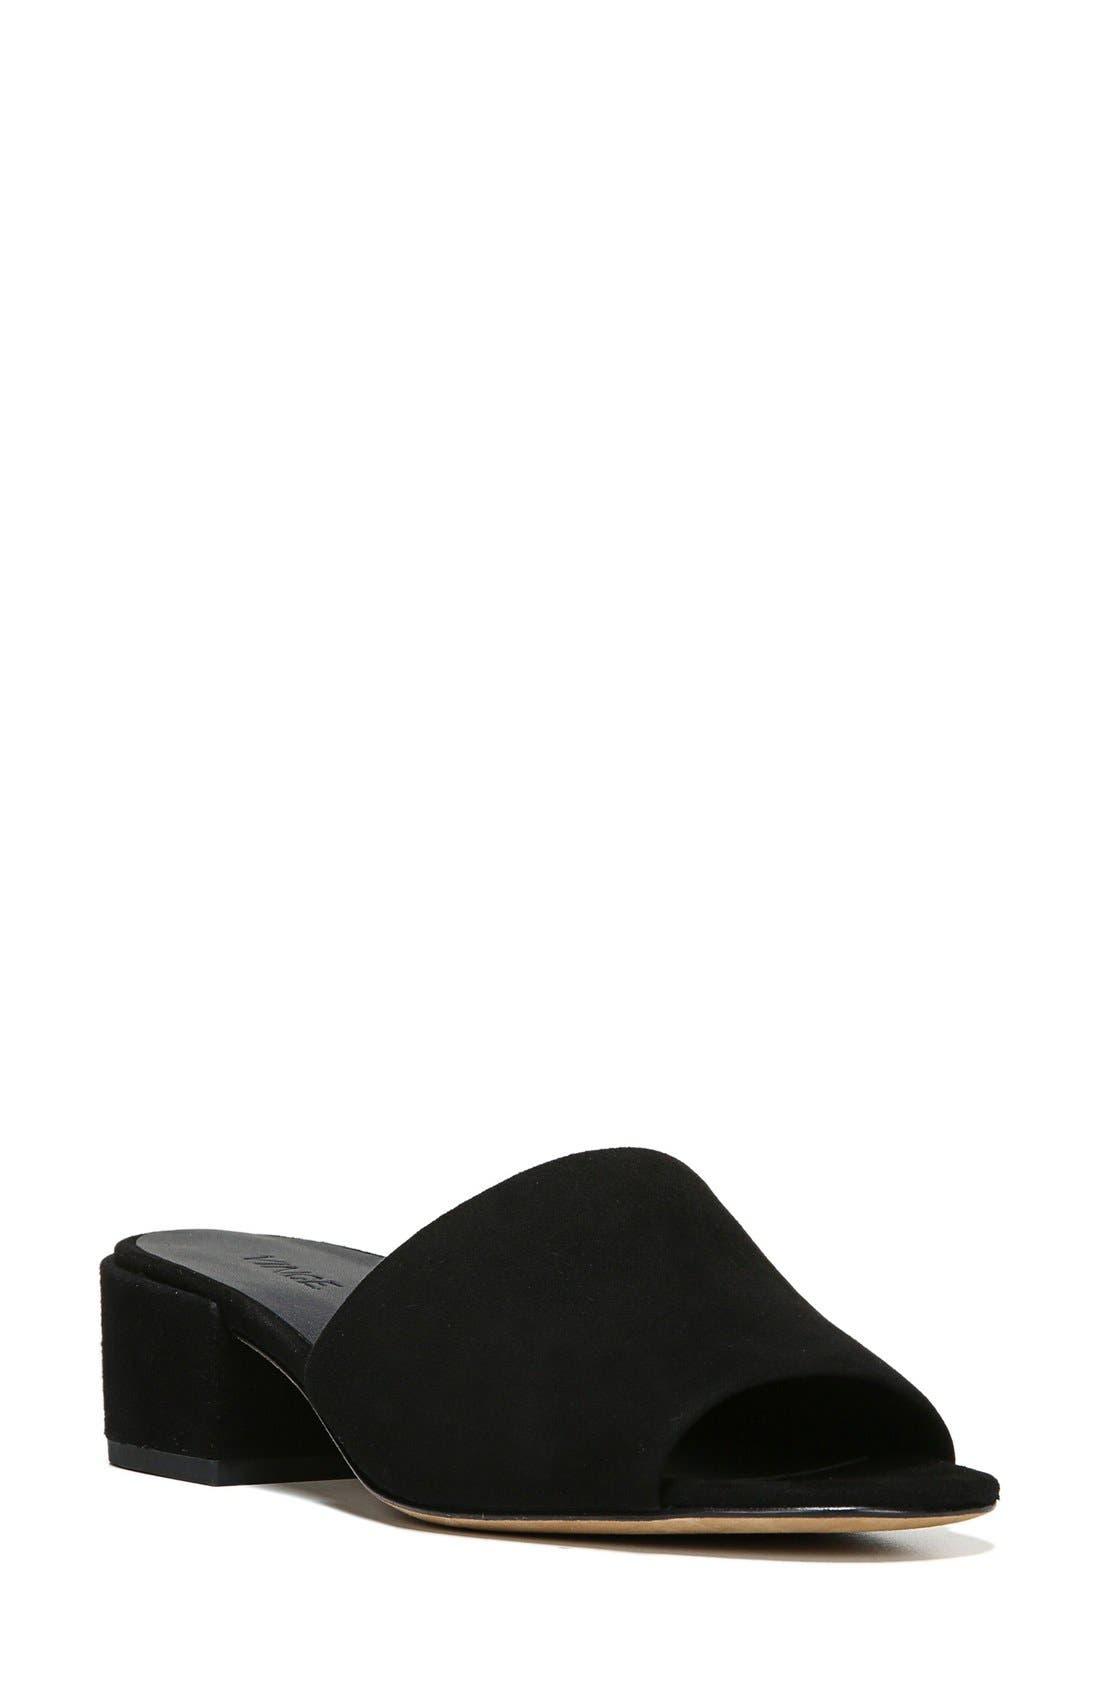 Rachelle Slide Sandal,                         Main,                         color, 002